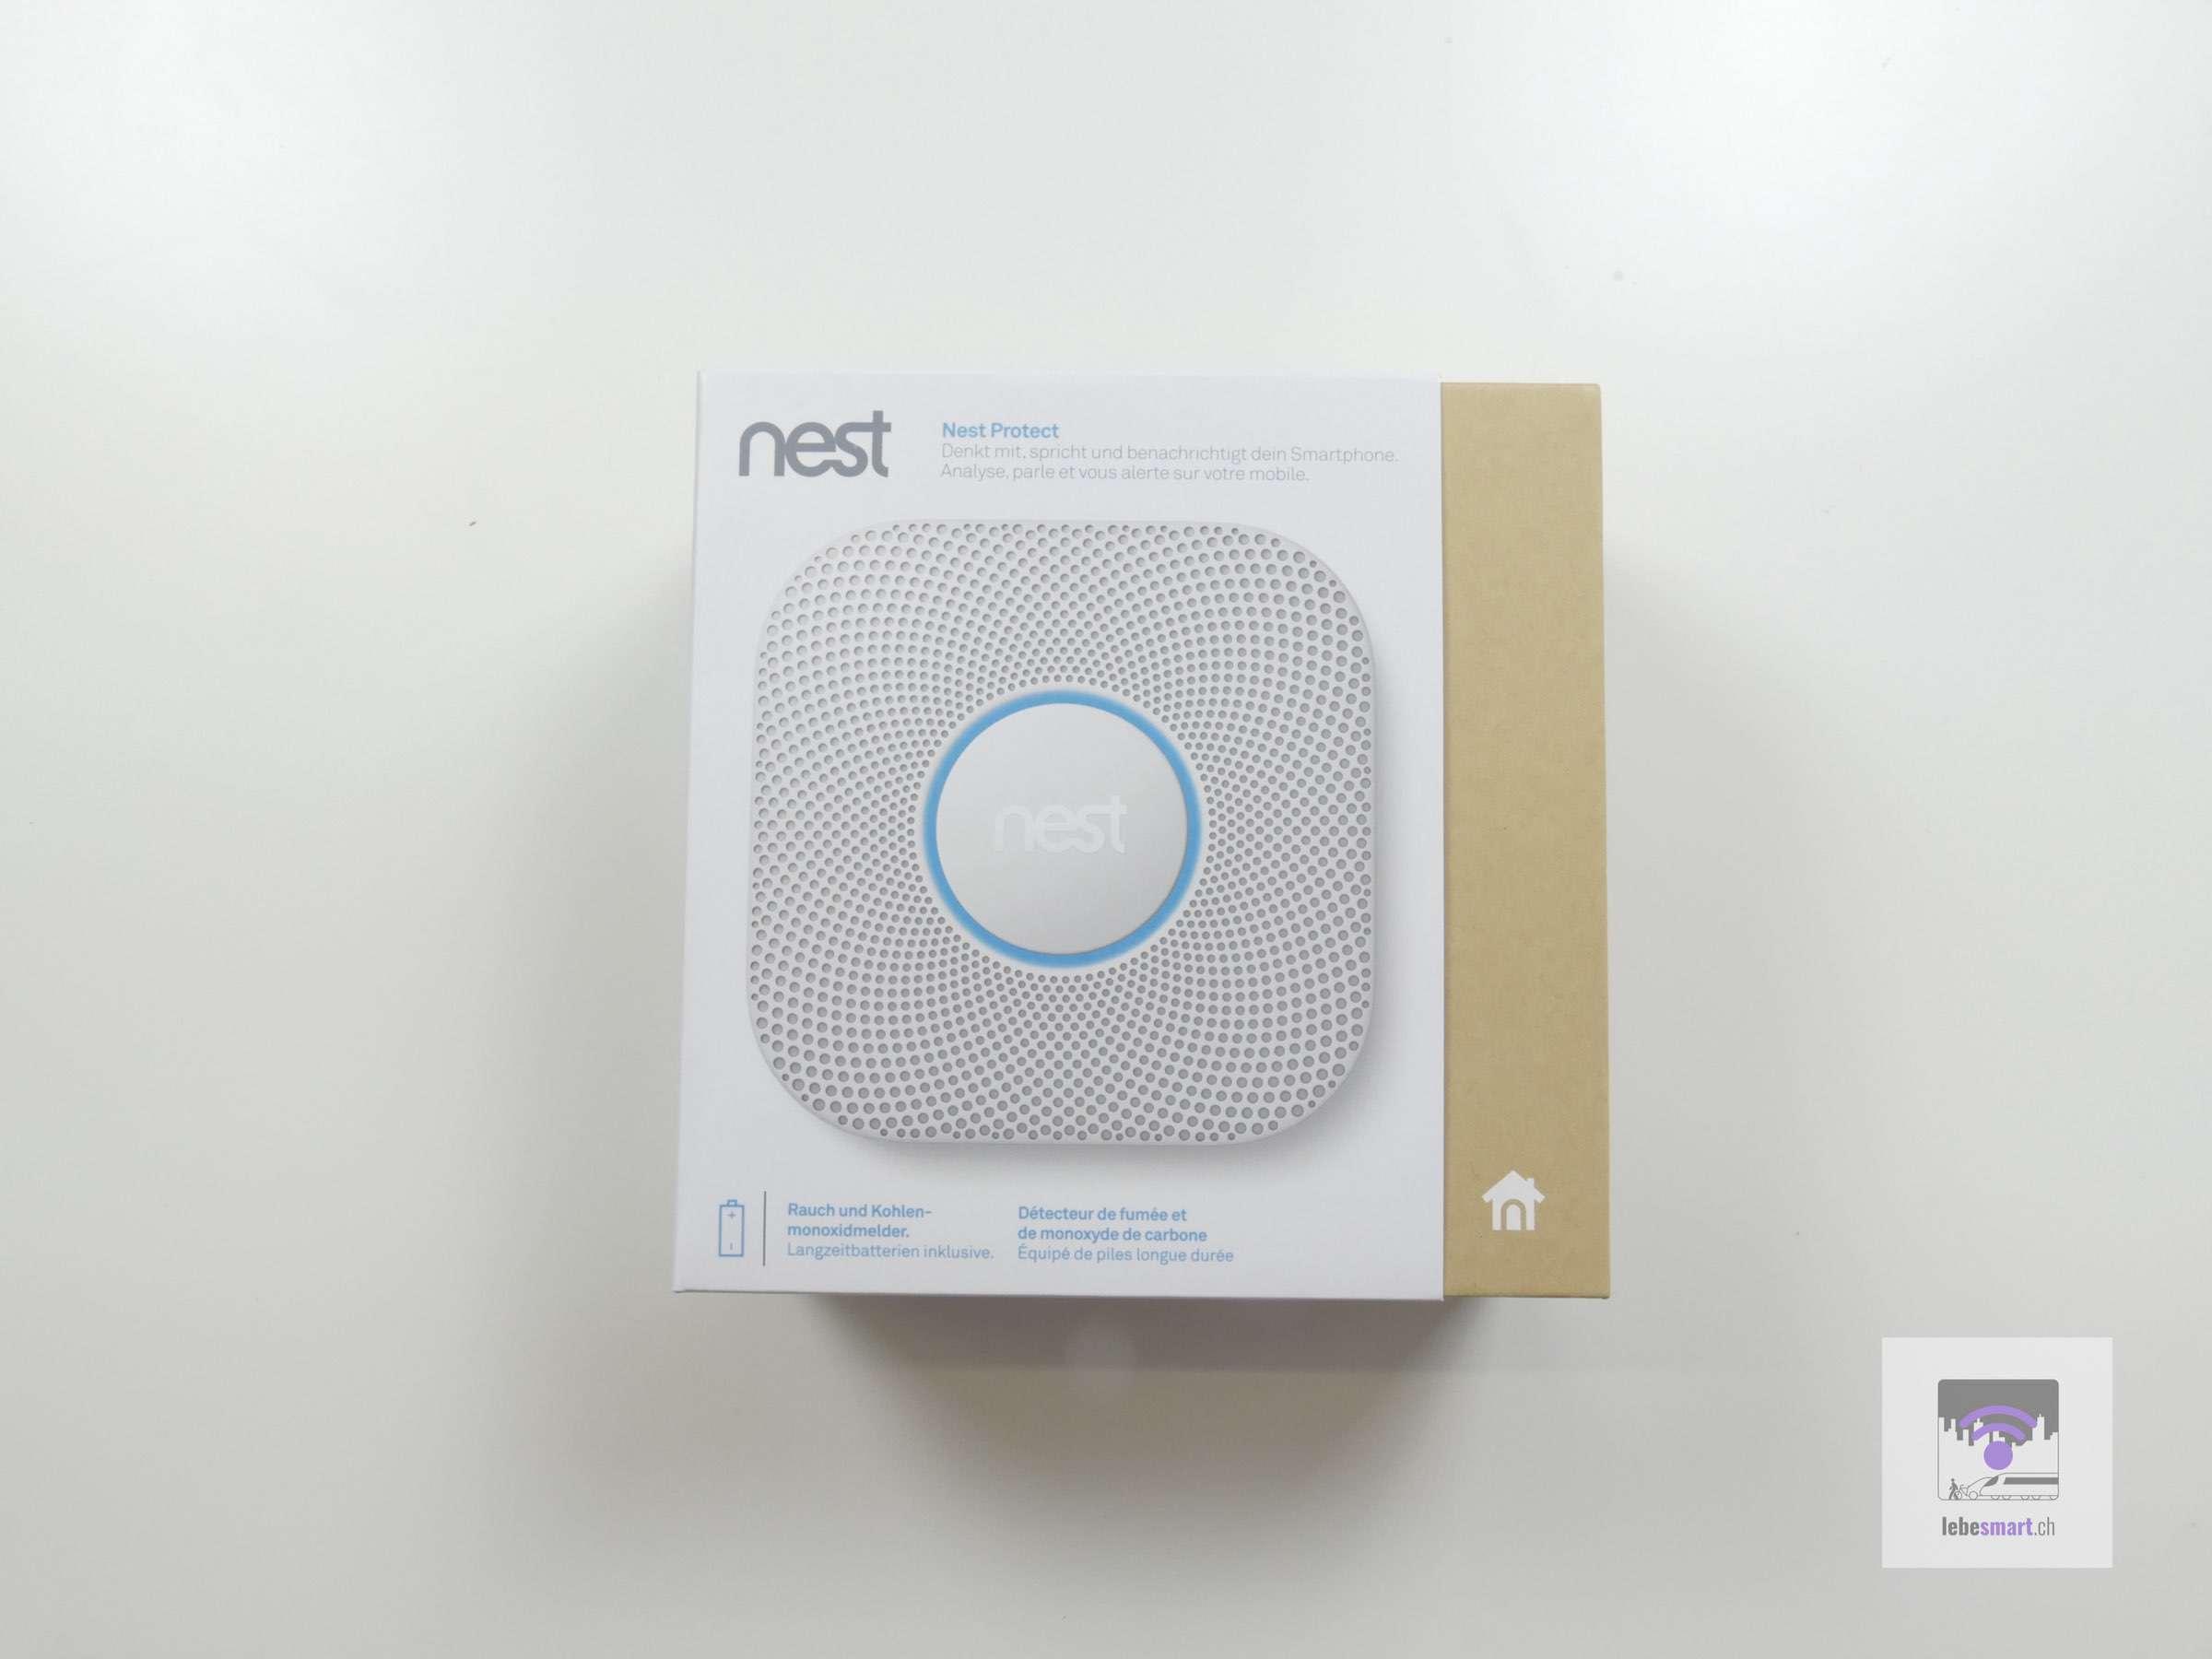 Nest Protect – Google's Rauchmelder im Test